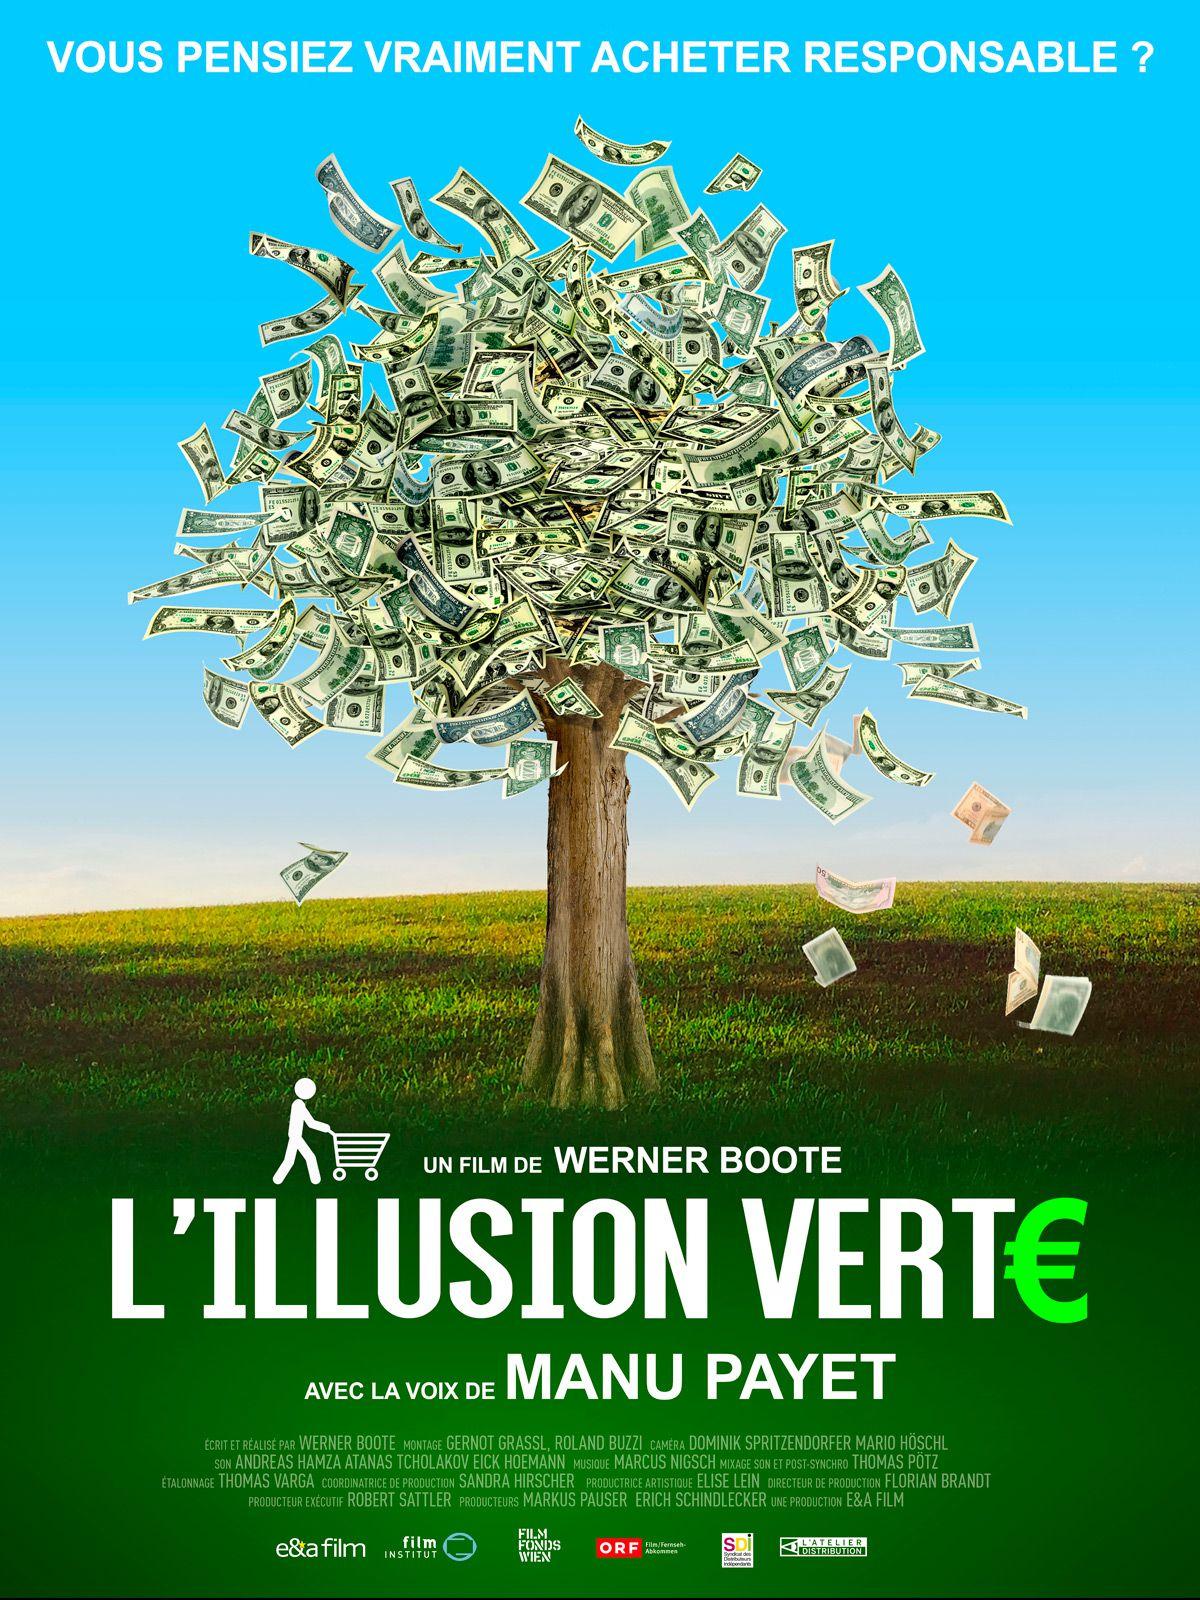 L'Illusion verte - Documentaire (2019)